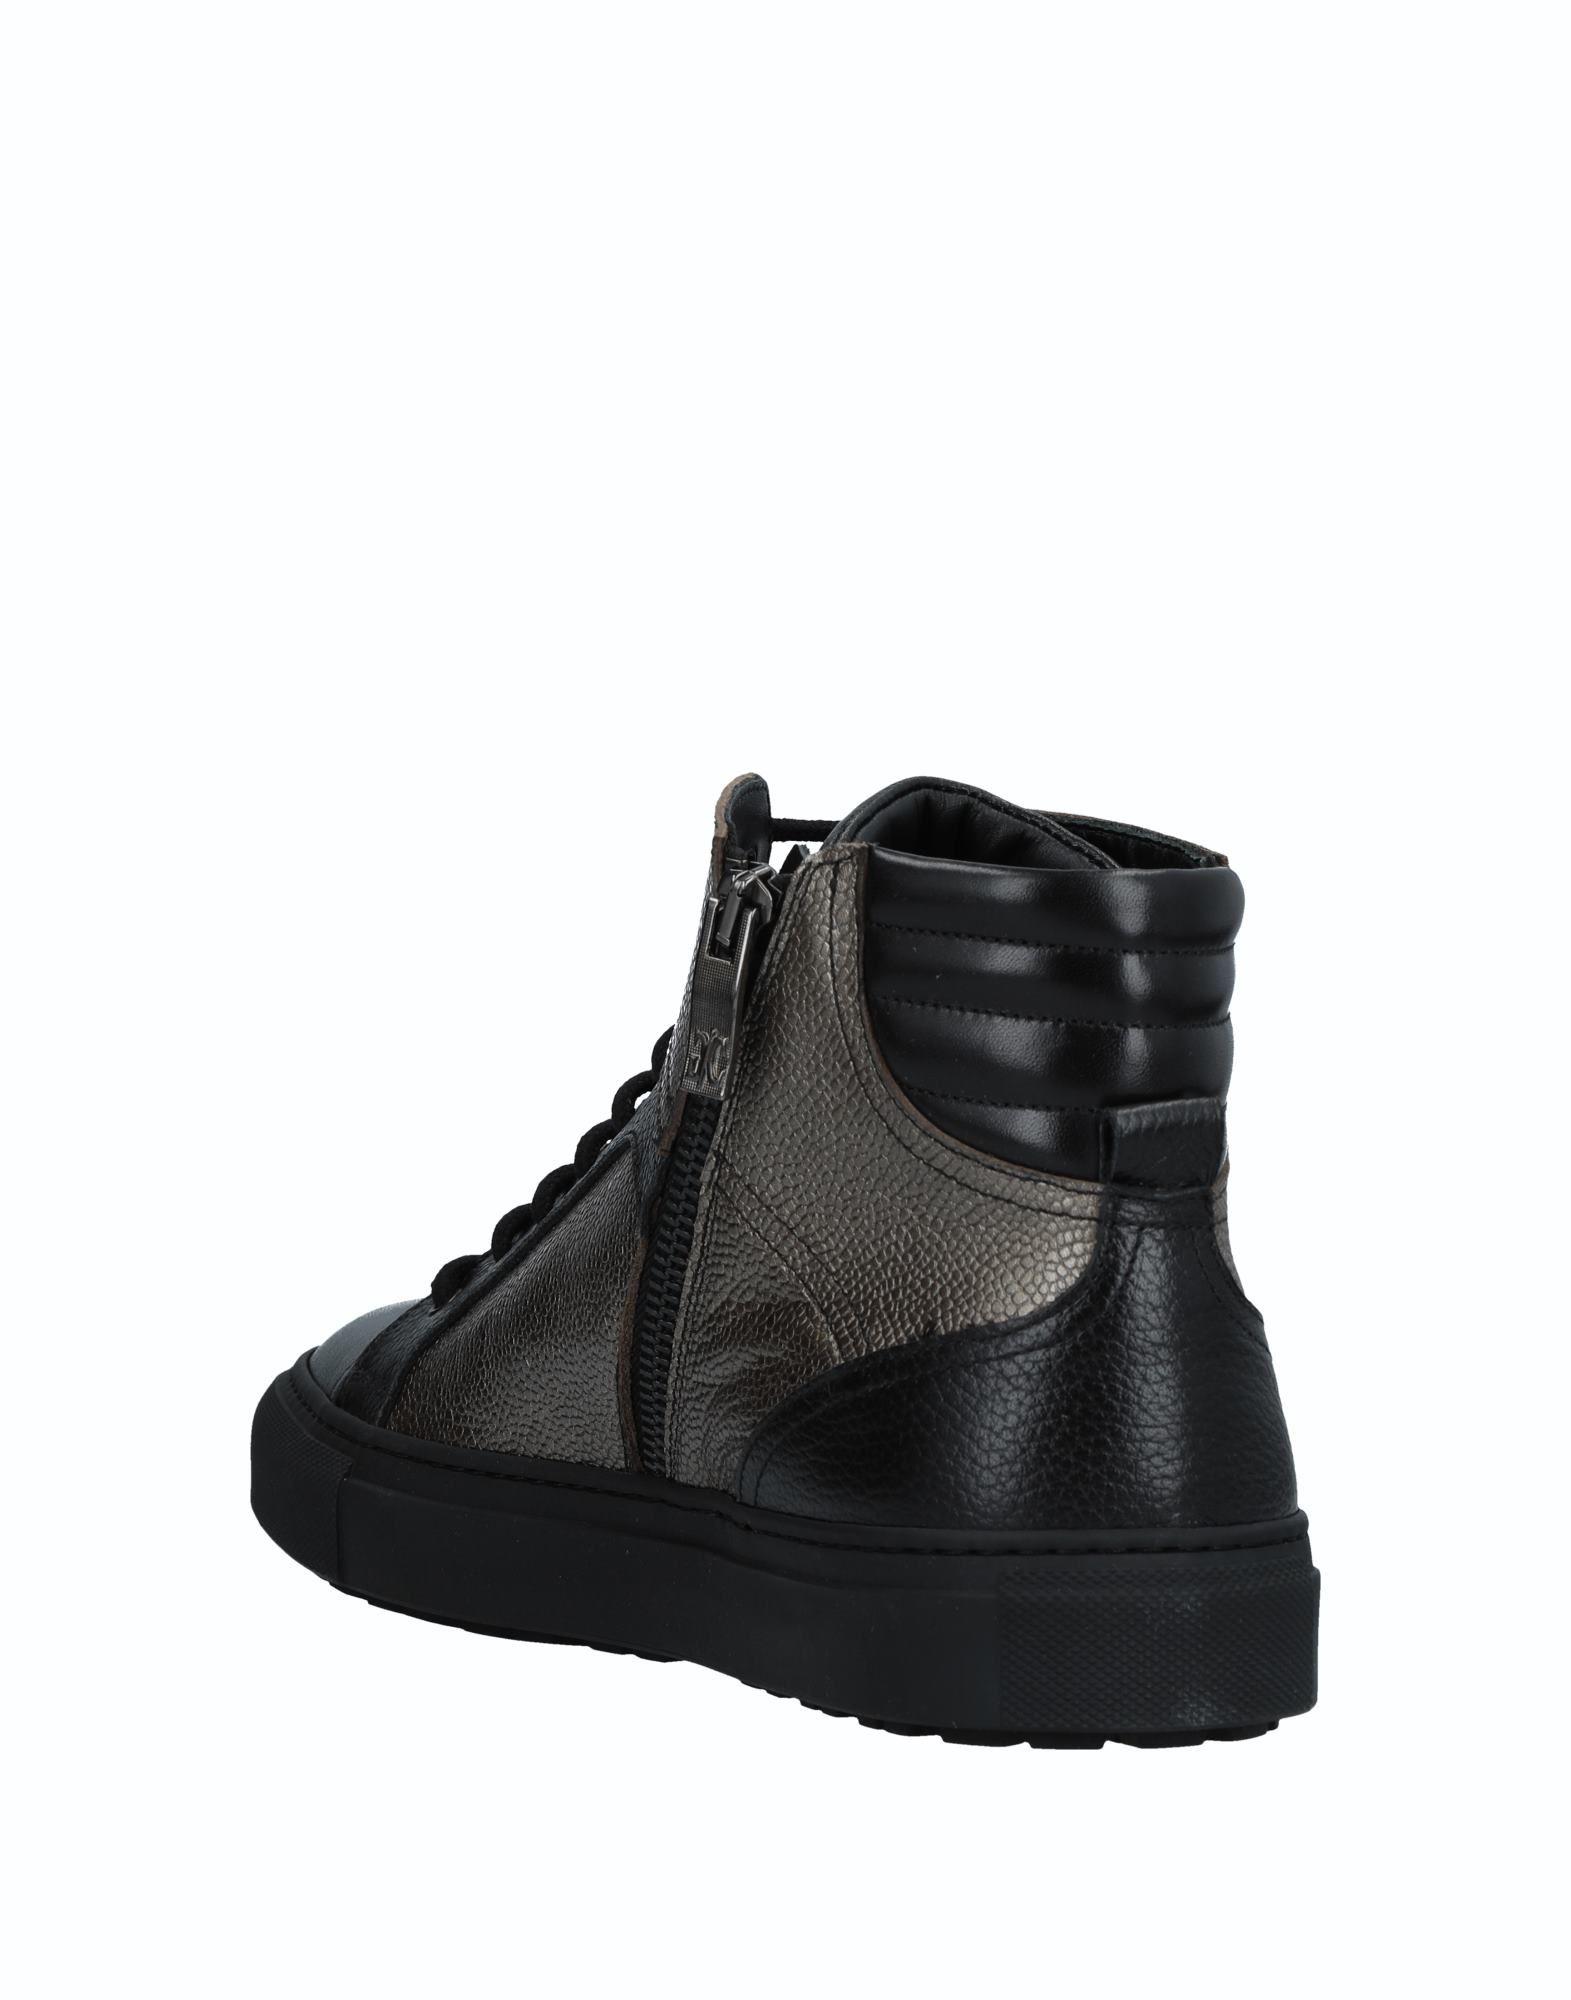 Giovanni Conti Sneakers Herren  11519476JR Gute Qualität beliebte Schuhe